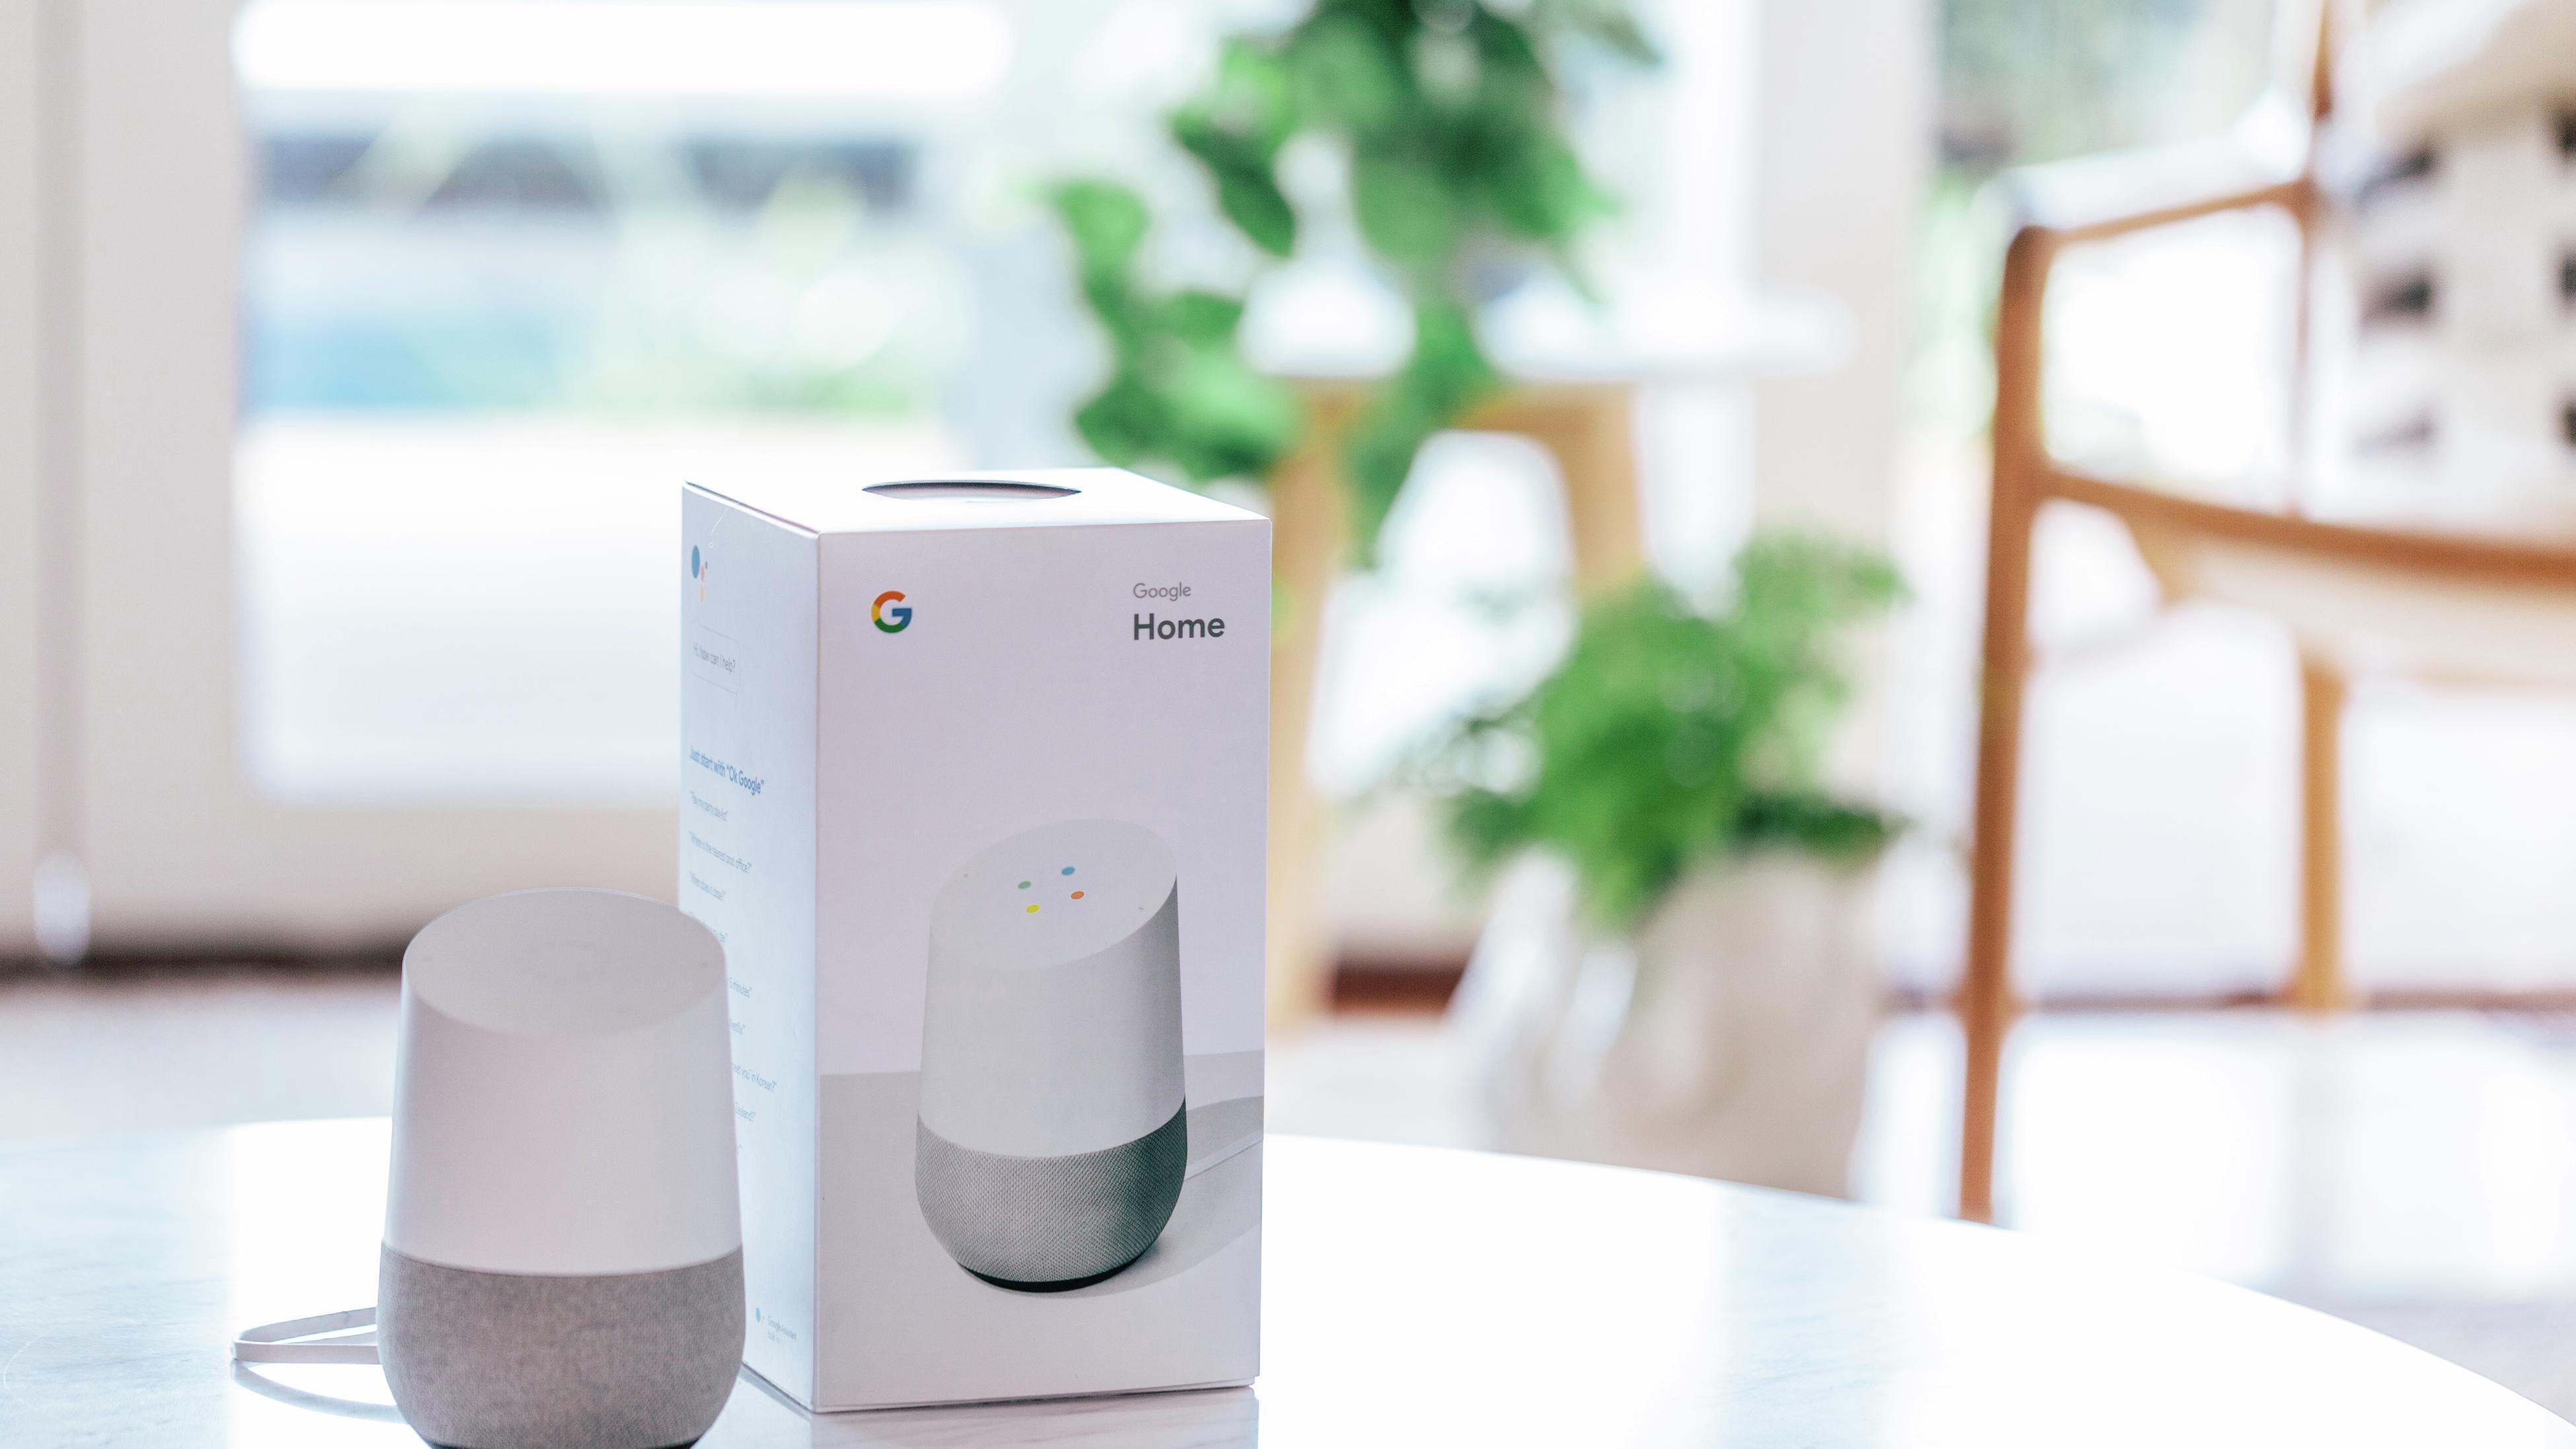 Google home speaker.